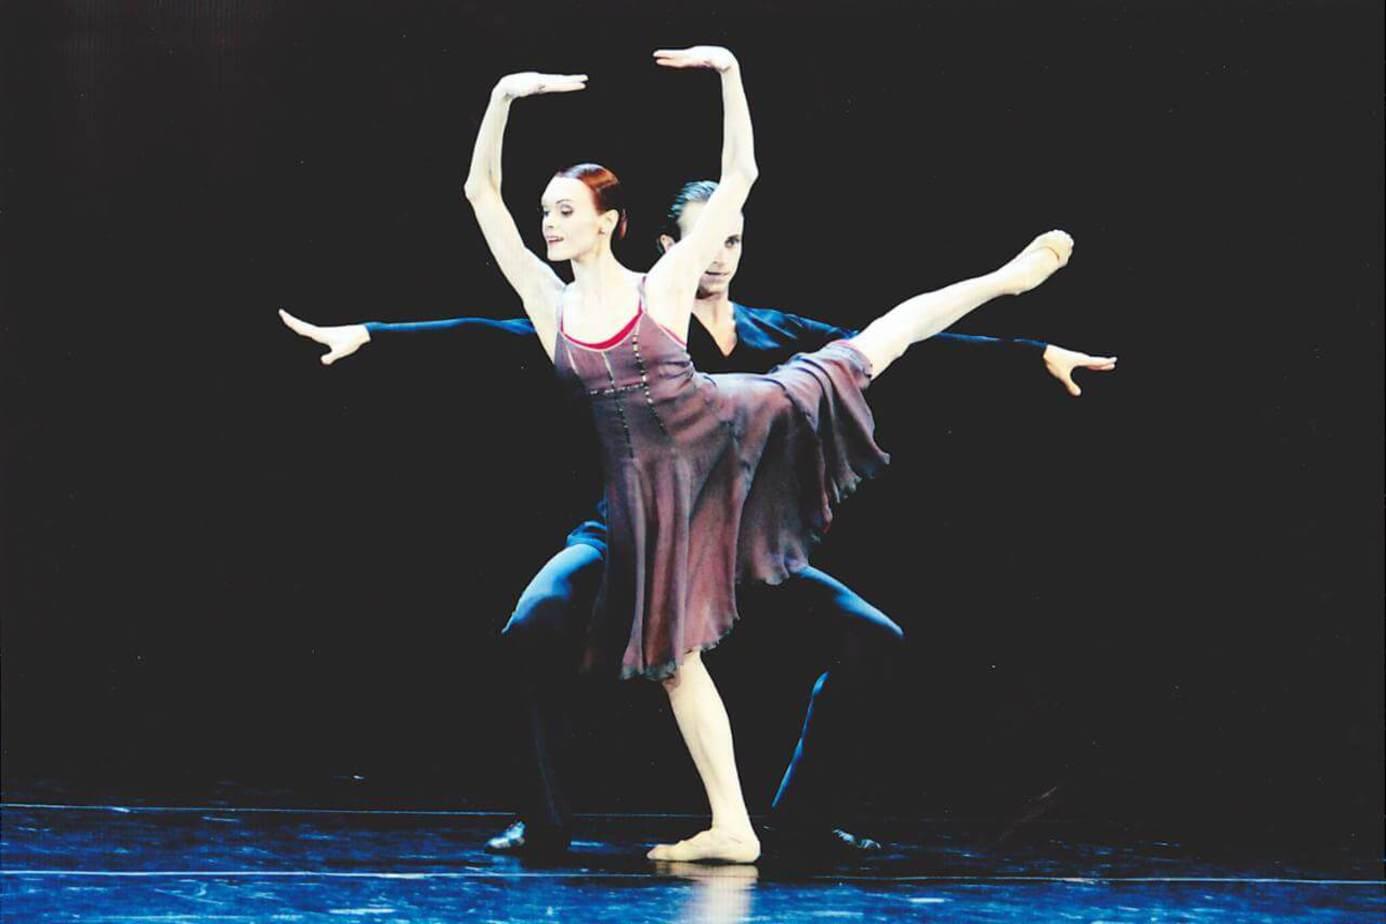 天鵝湖畔的芭蕾伶娜 - 電影線上看 - friDay影音